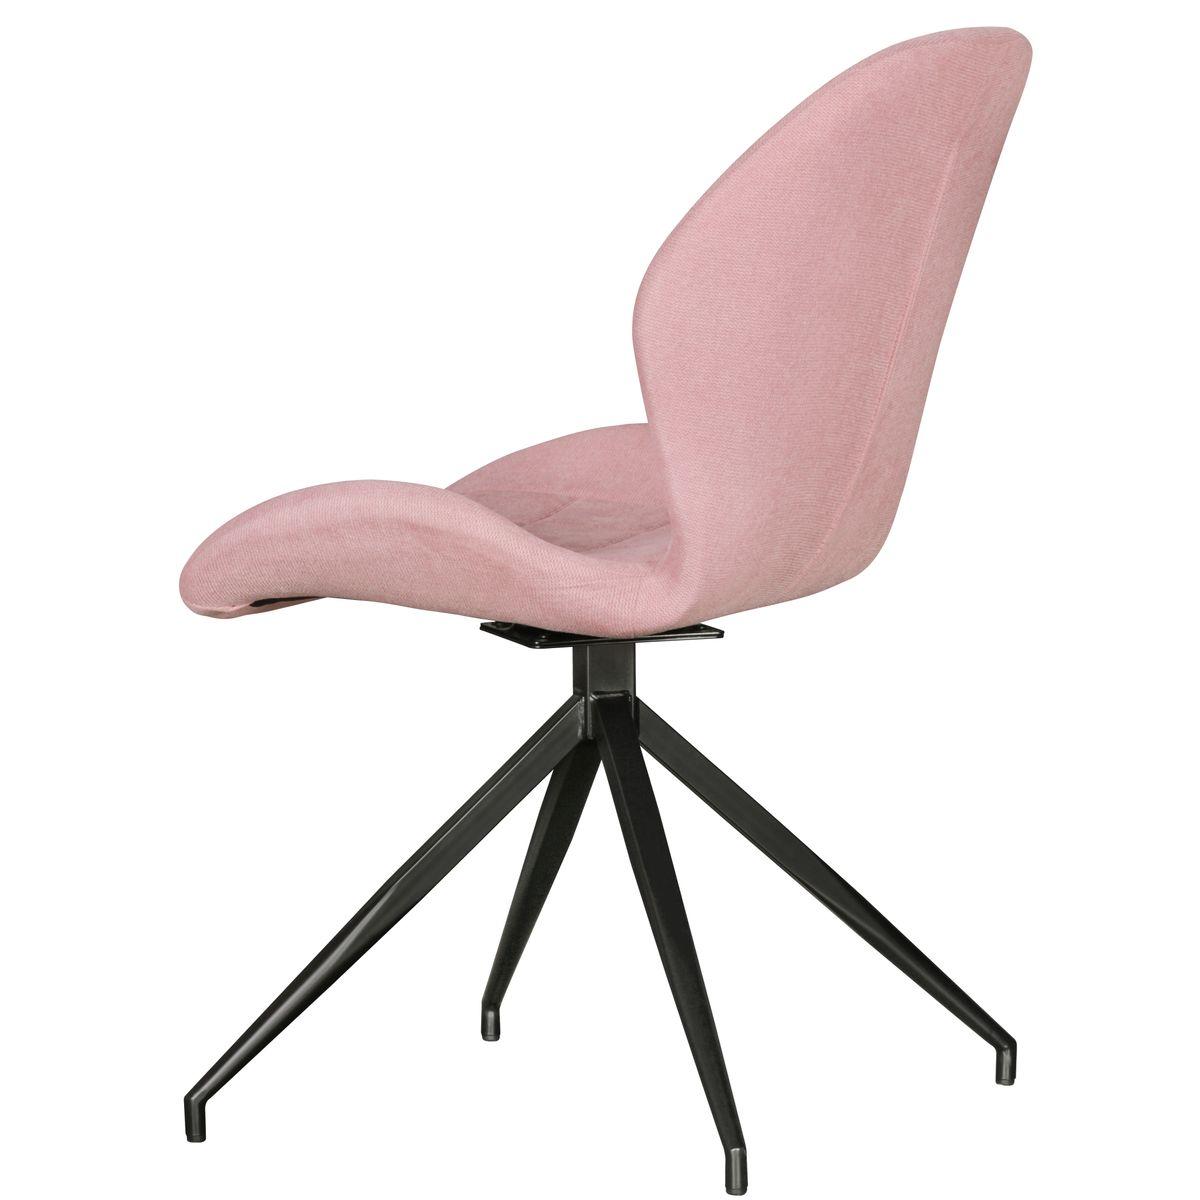 finebuy 2er set vintage design esszimmerst hle yuri 360 drehbar gepolstert polsterst hle mit. Black Bedroom Furniture Sets. Home Design Ideas